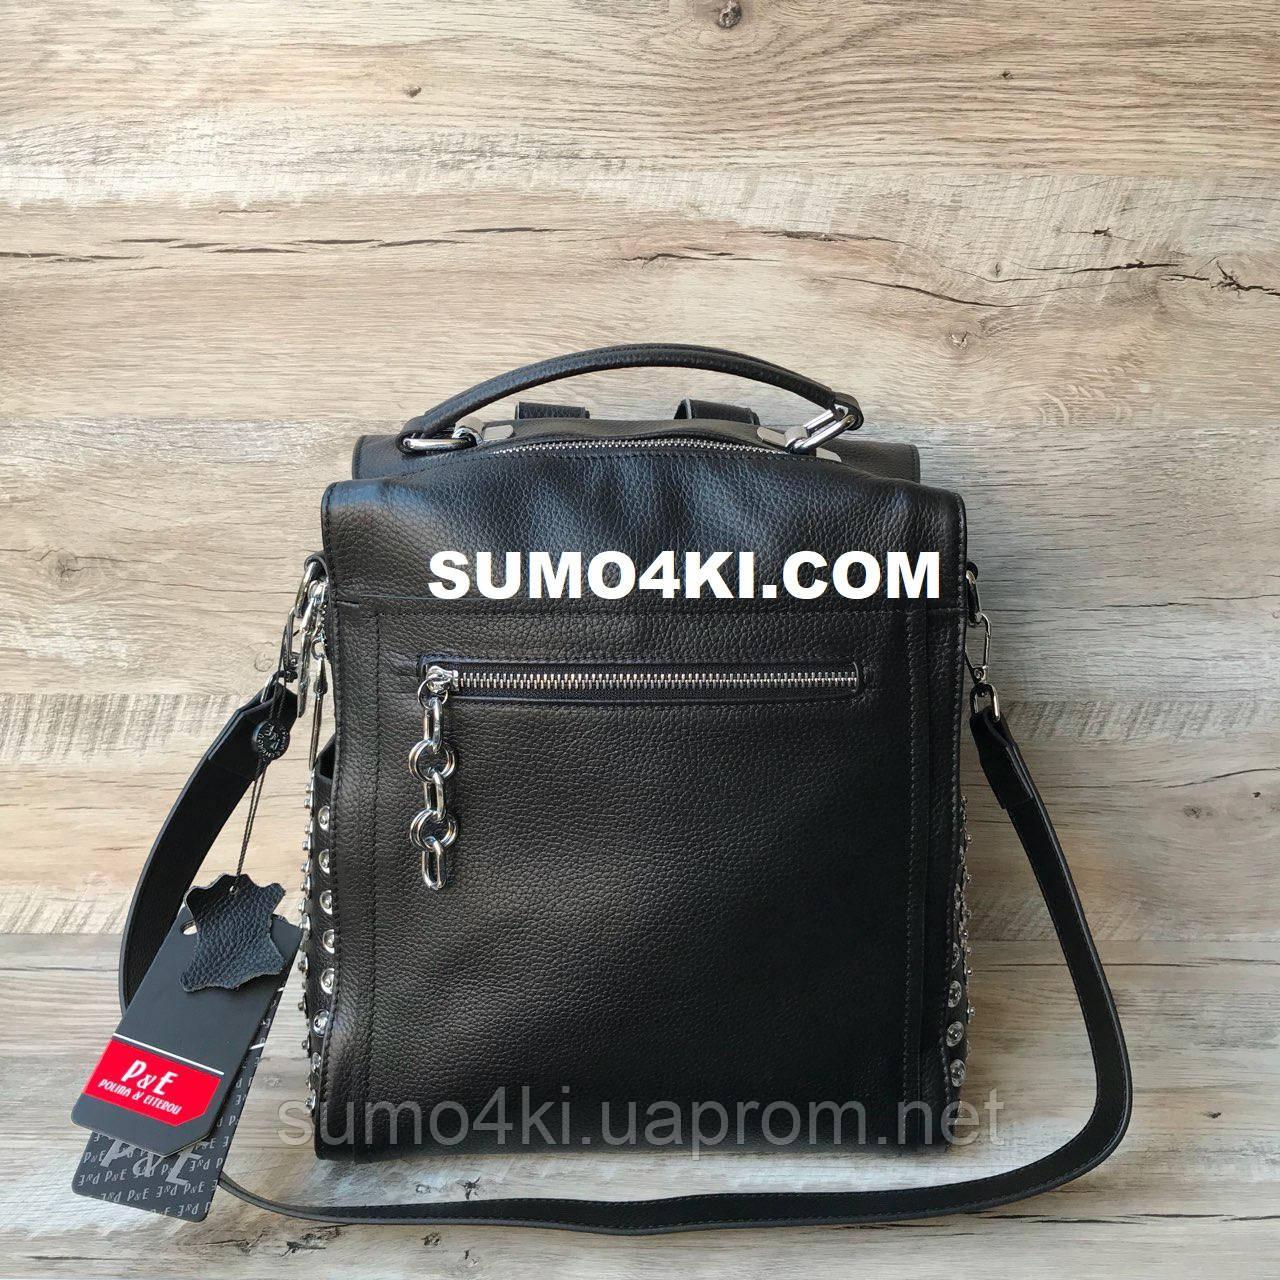 ada644ea4ad1 Женский кожаный рюкзак - сумка Polina&Eiterou - Интернет-магазин «Галерея  Сумок» в Одессе